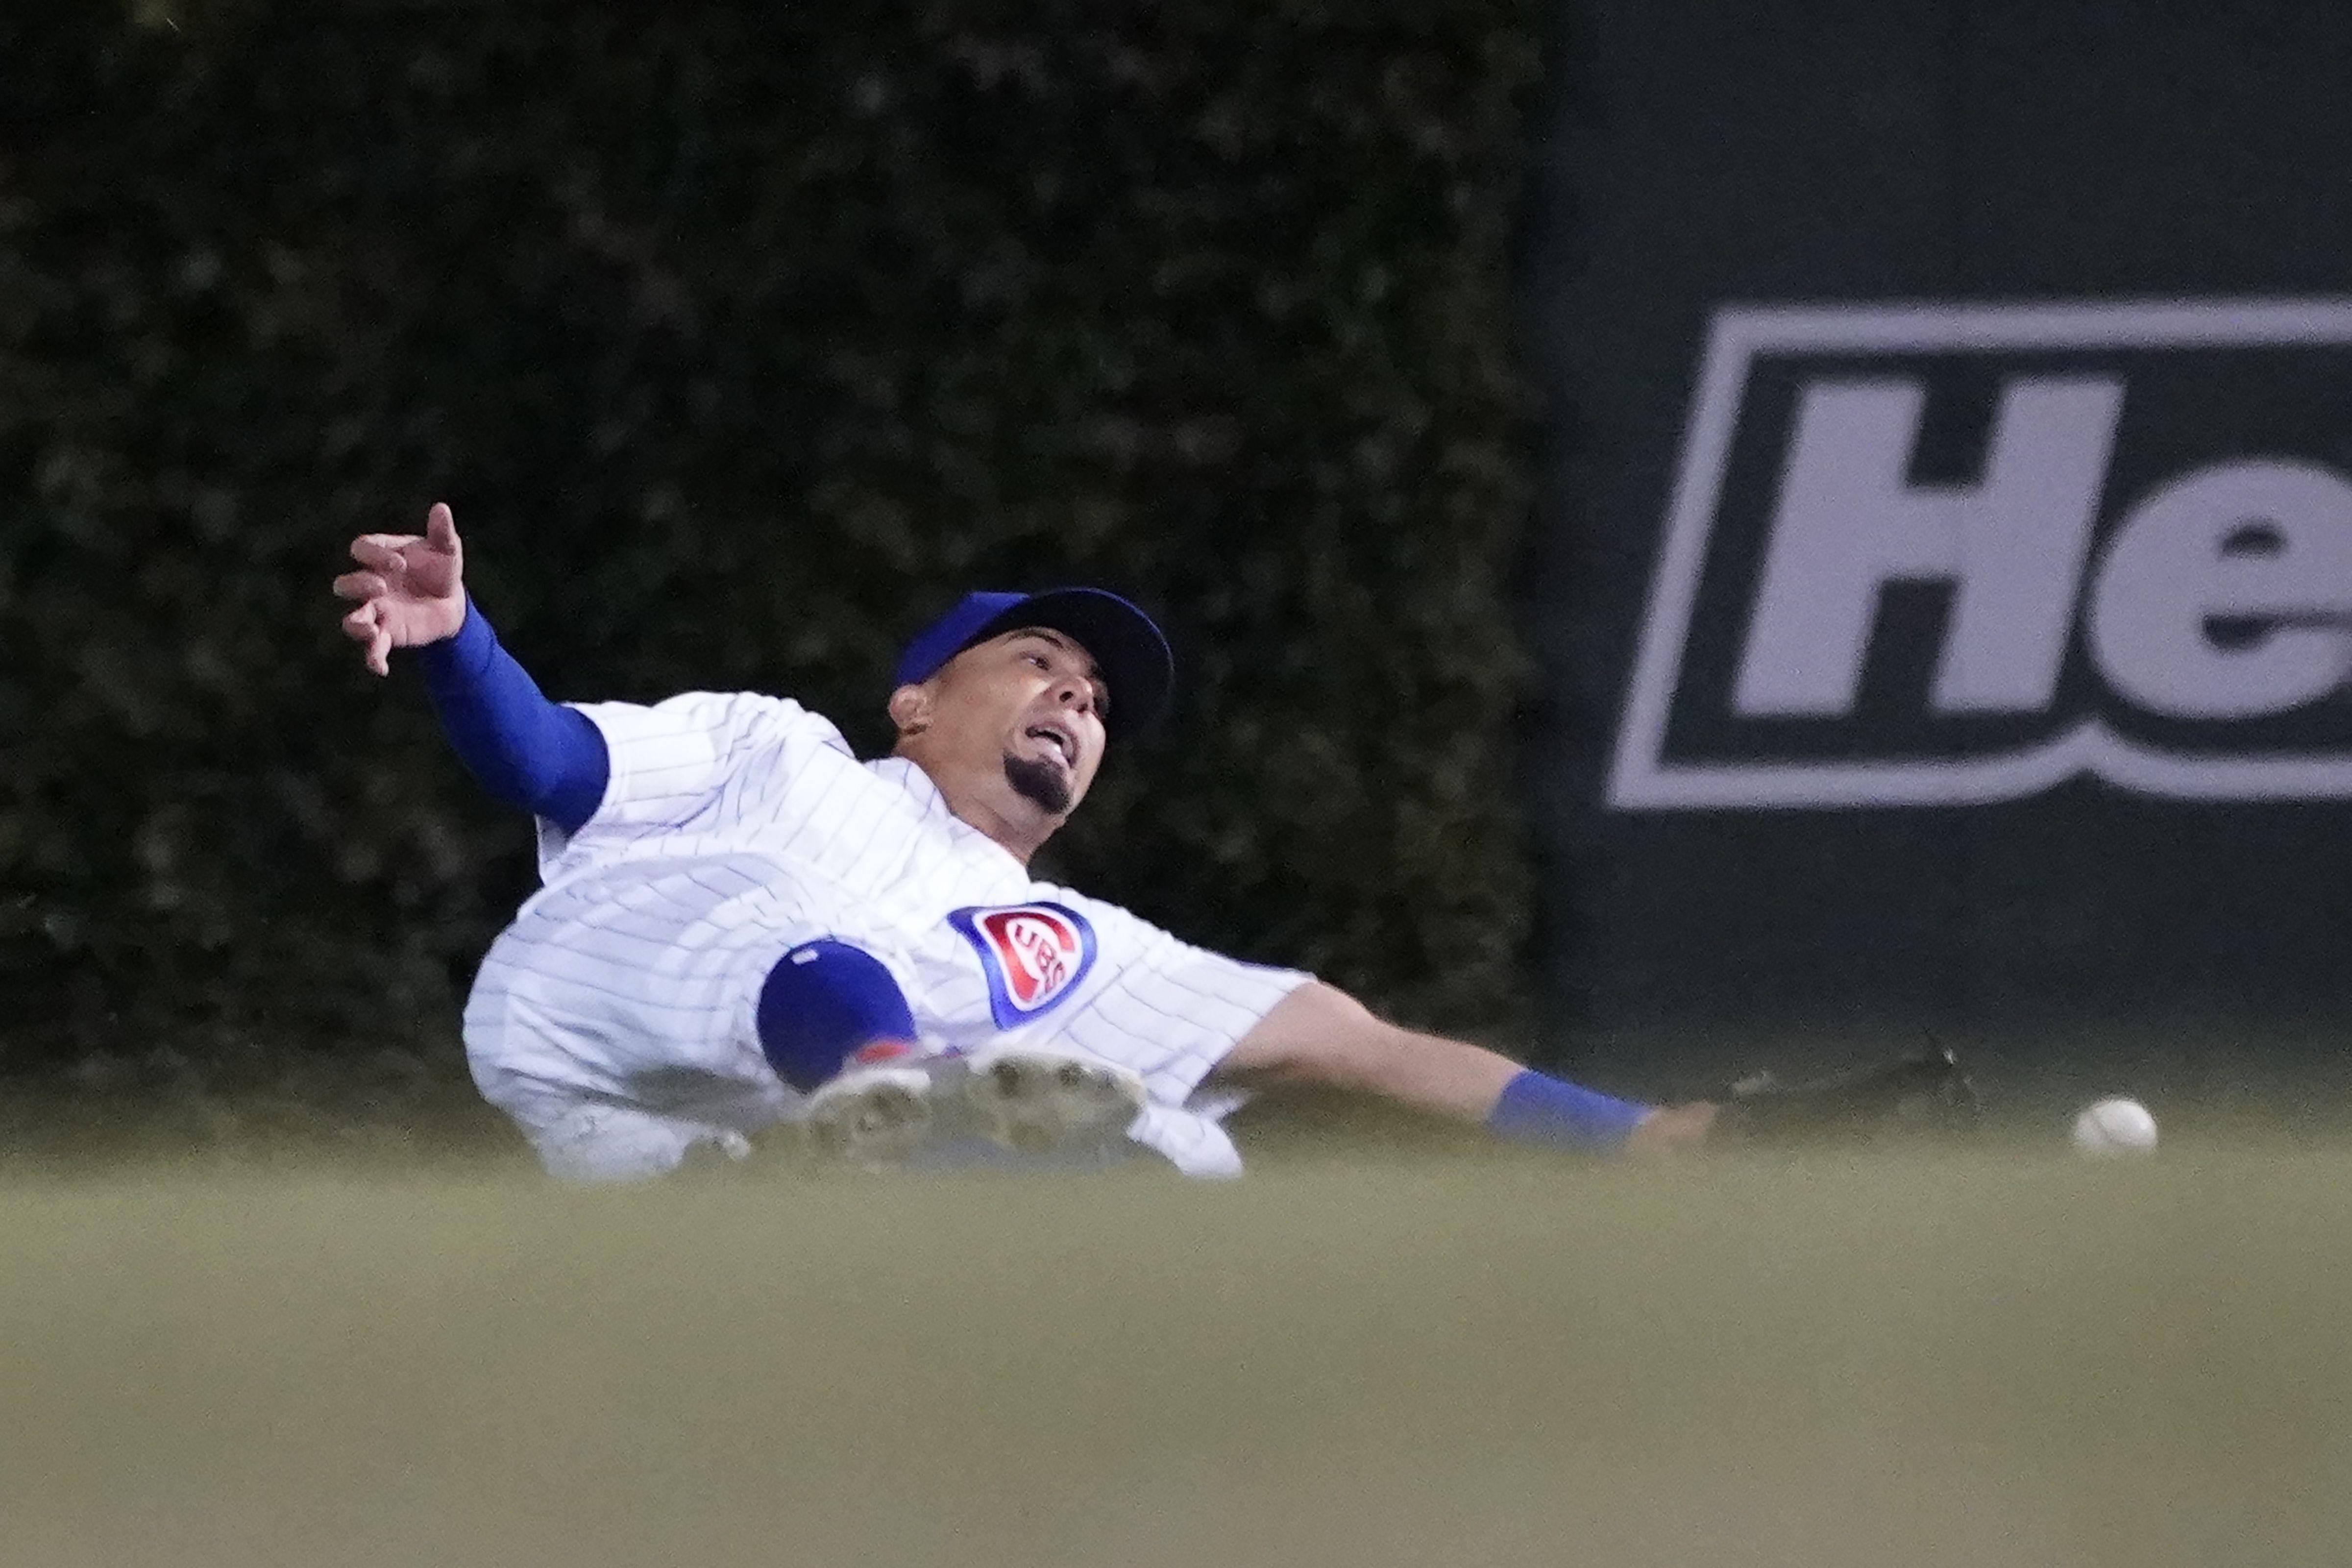 con un aforo de 40% arranca la liga venezolana de beisbol